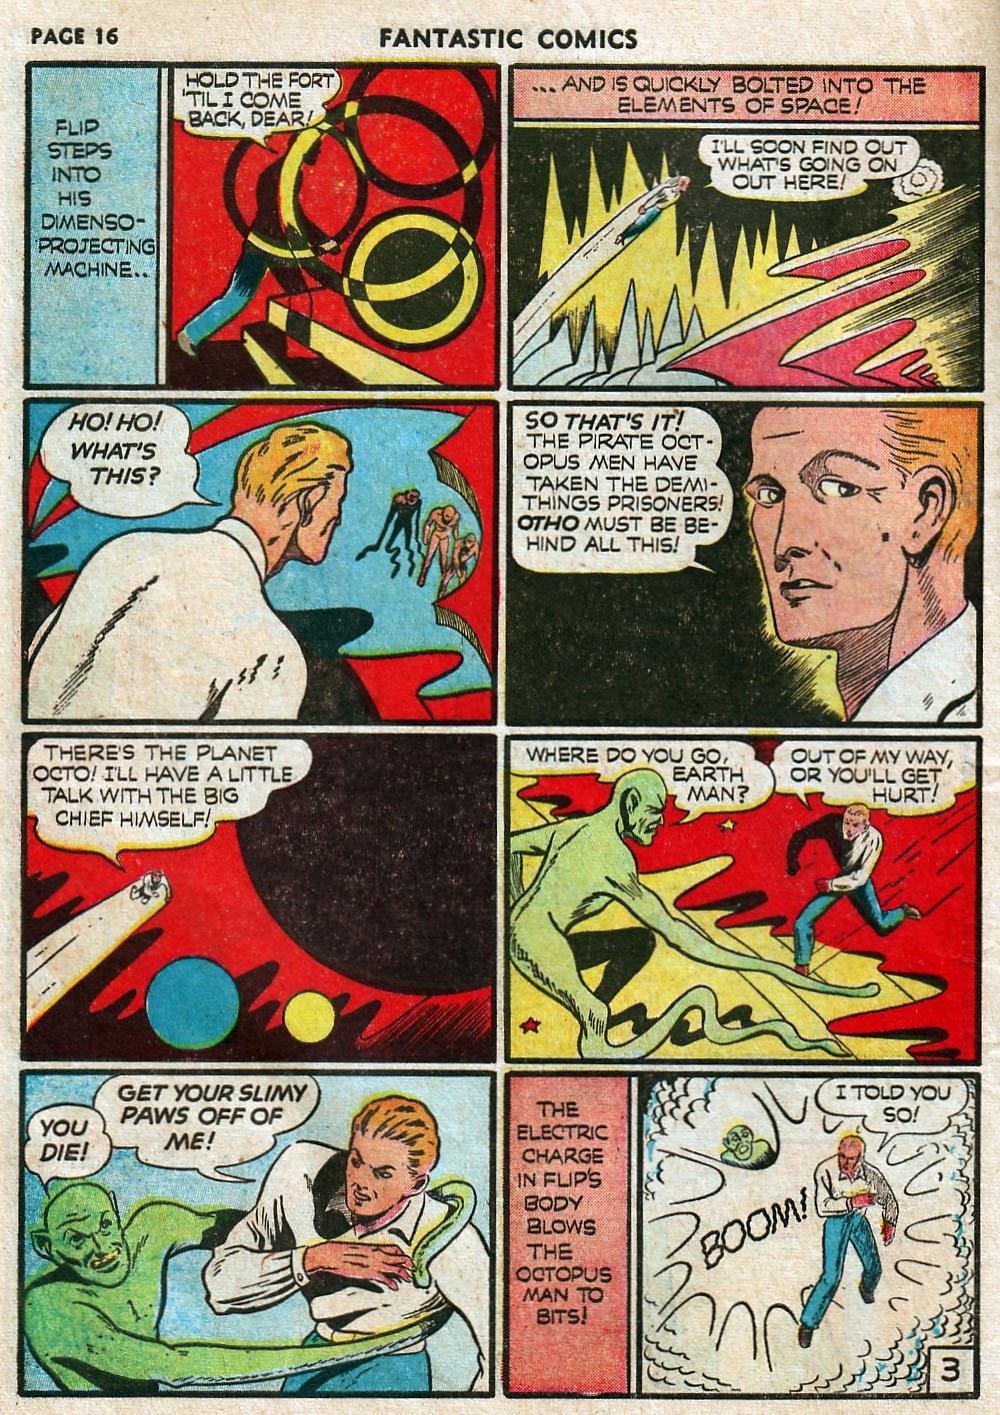 Read online Fantastic Comics comic -  Issue #17 - 18